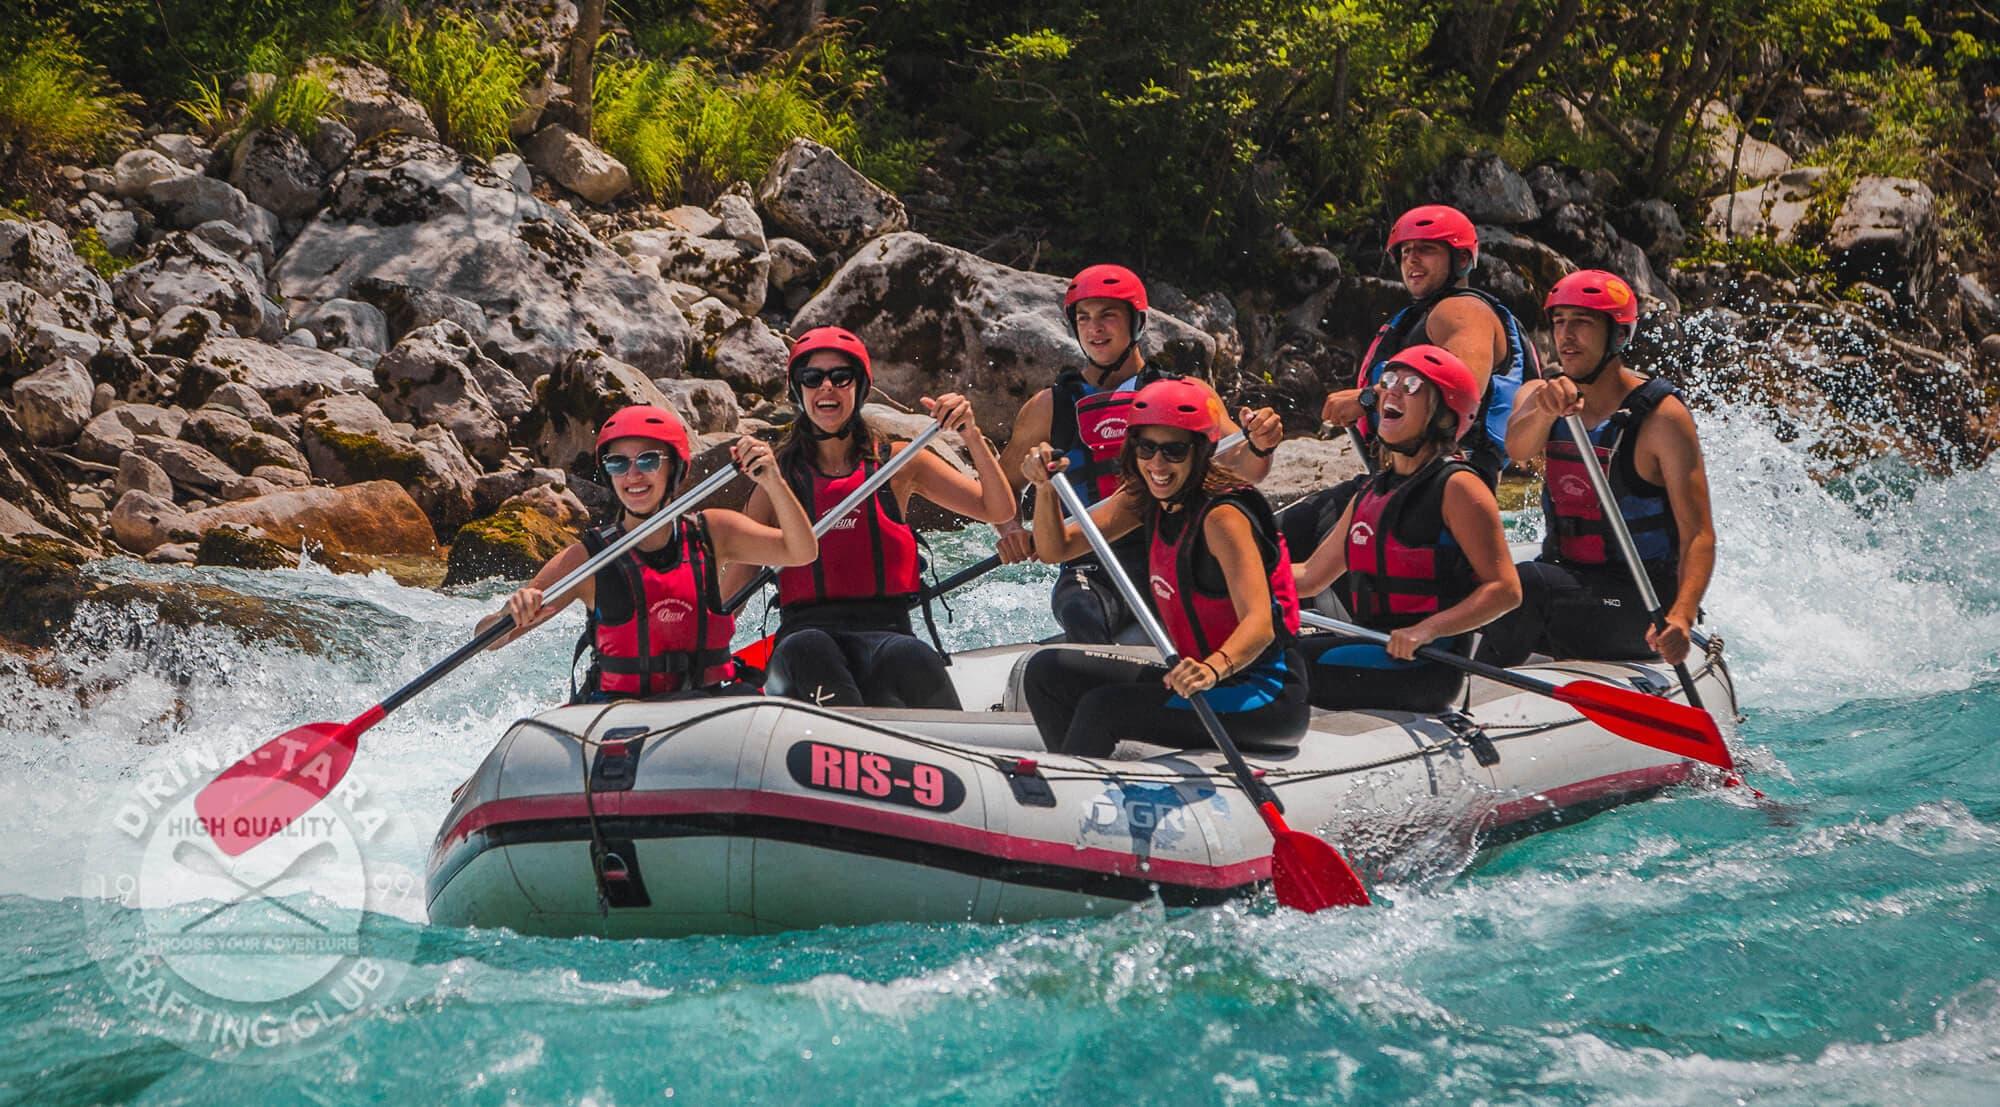 Rafting Tarom na tirkizno zelenoj rijeci Tari mladi ljudi veselo veslaju sa osmjehom na licima